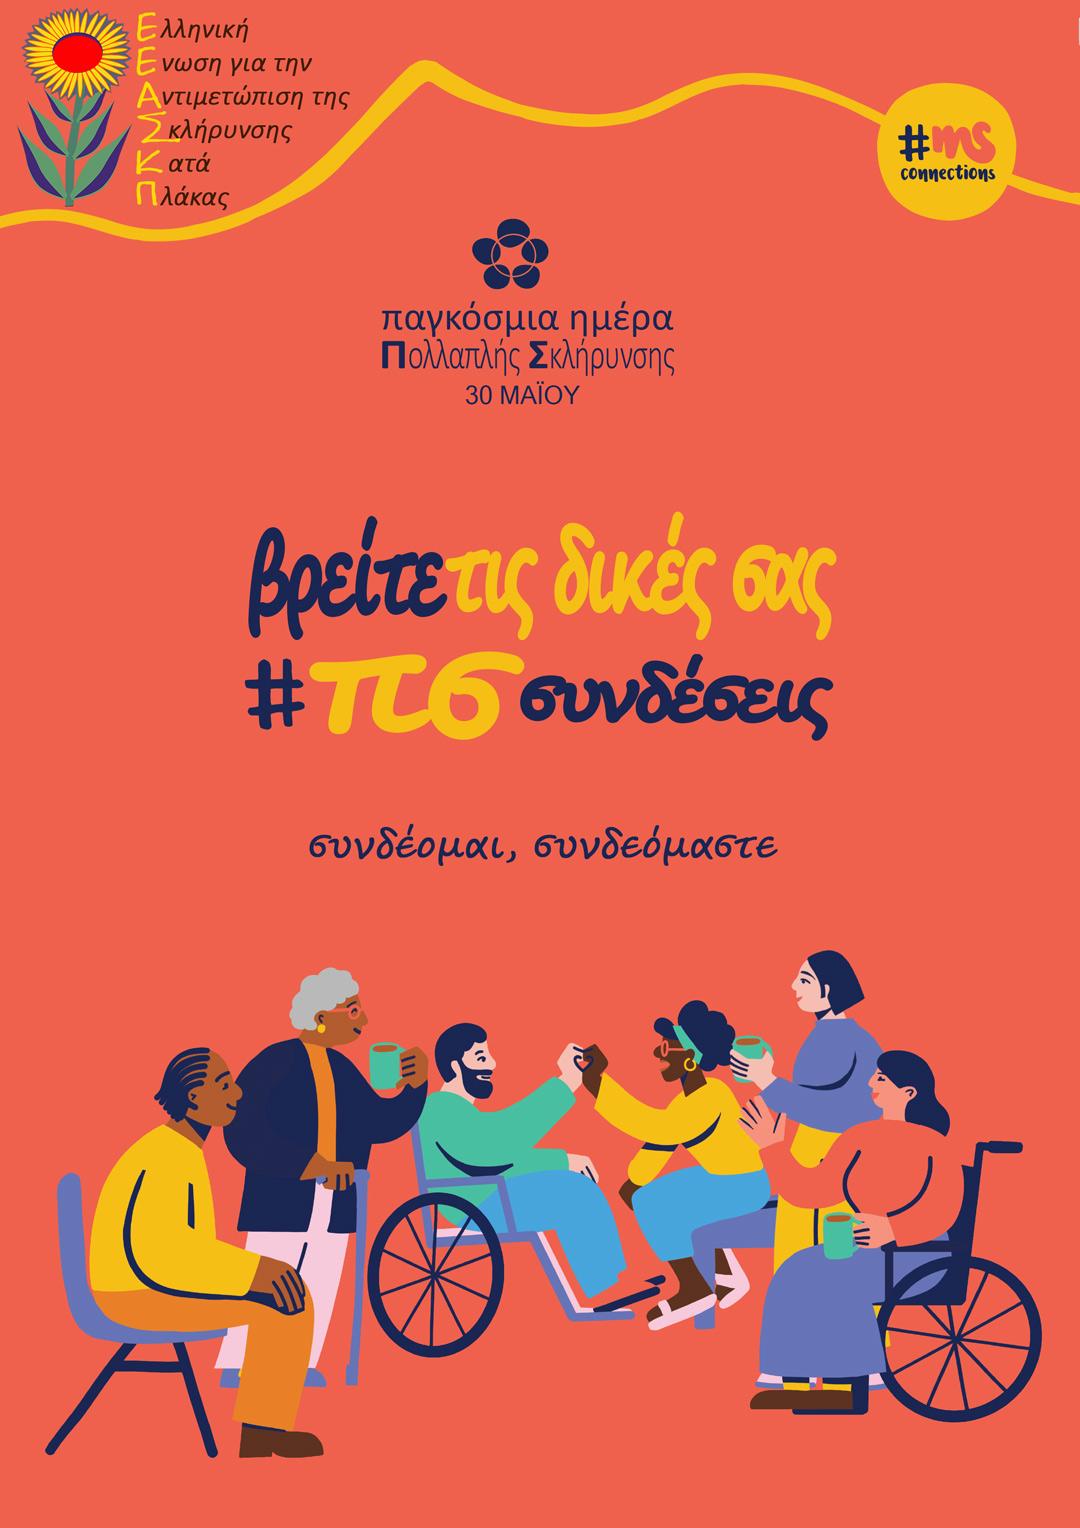 Παγκόσμια Ημέρα για την Πολλαπλή Σκλήρυνση το Σάββατο 30 Μαίου- Το μήνυμα της ΕΕΑΣΚΠ Δυτ. Ελλάδας (ΒΙΝΤΕΟ)